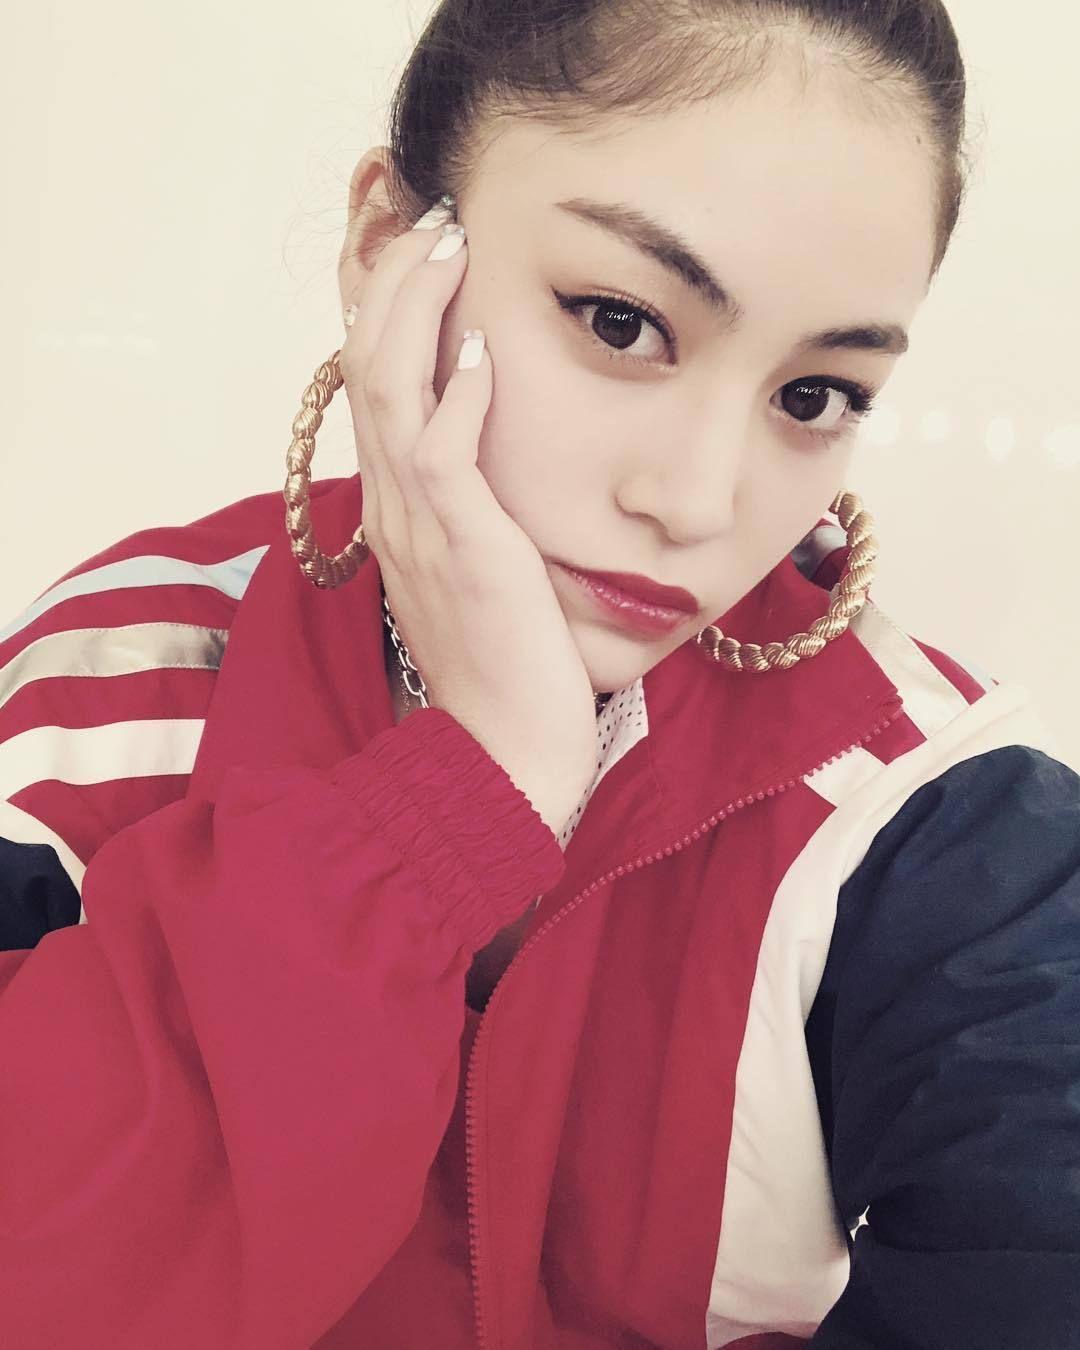 楓 e girls x2f happiness on instagram girl model japanese culture